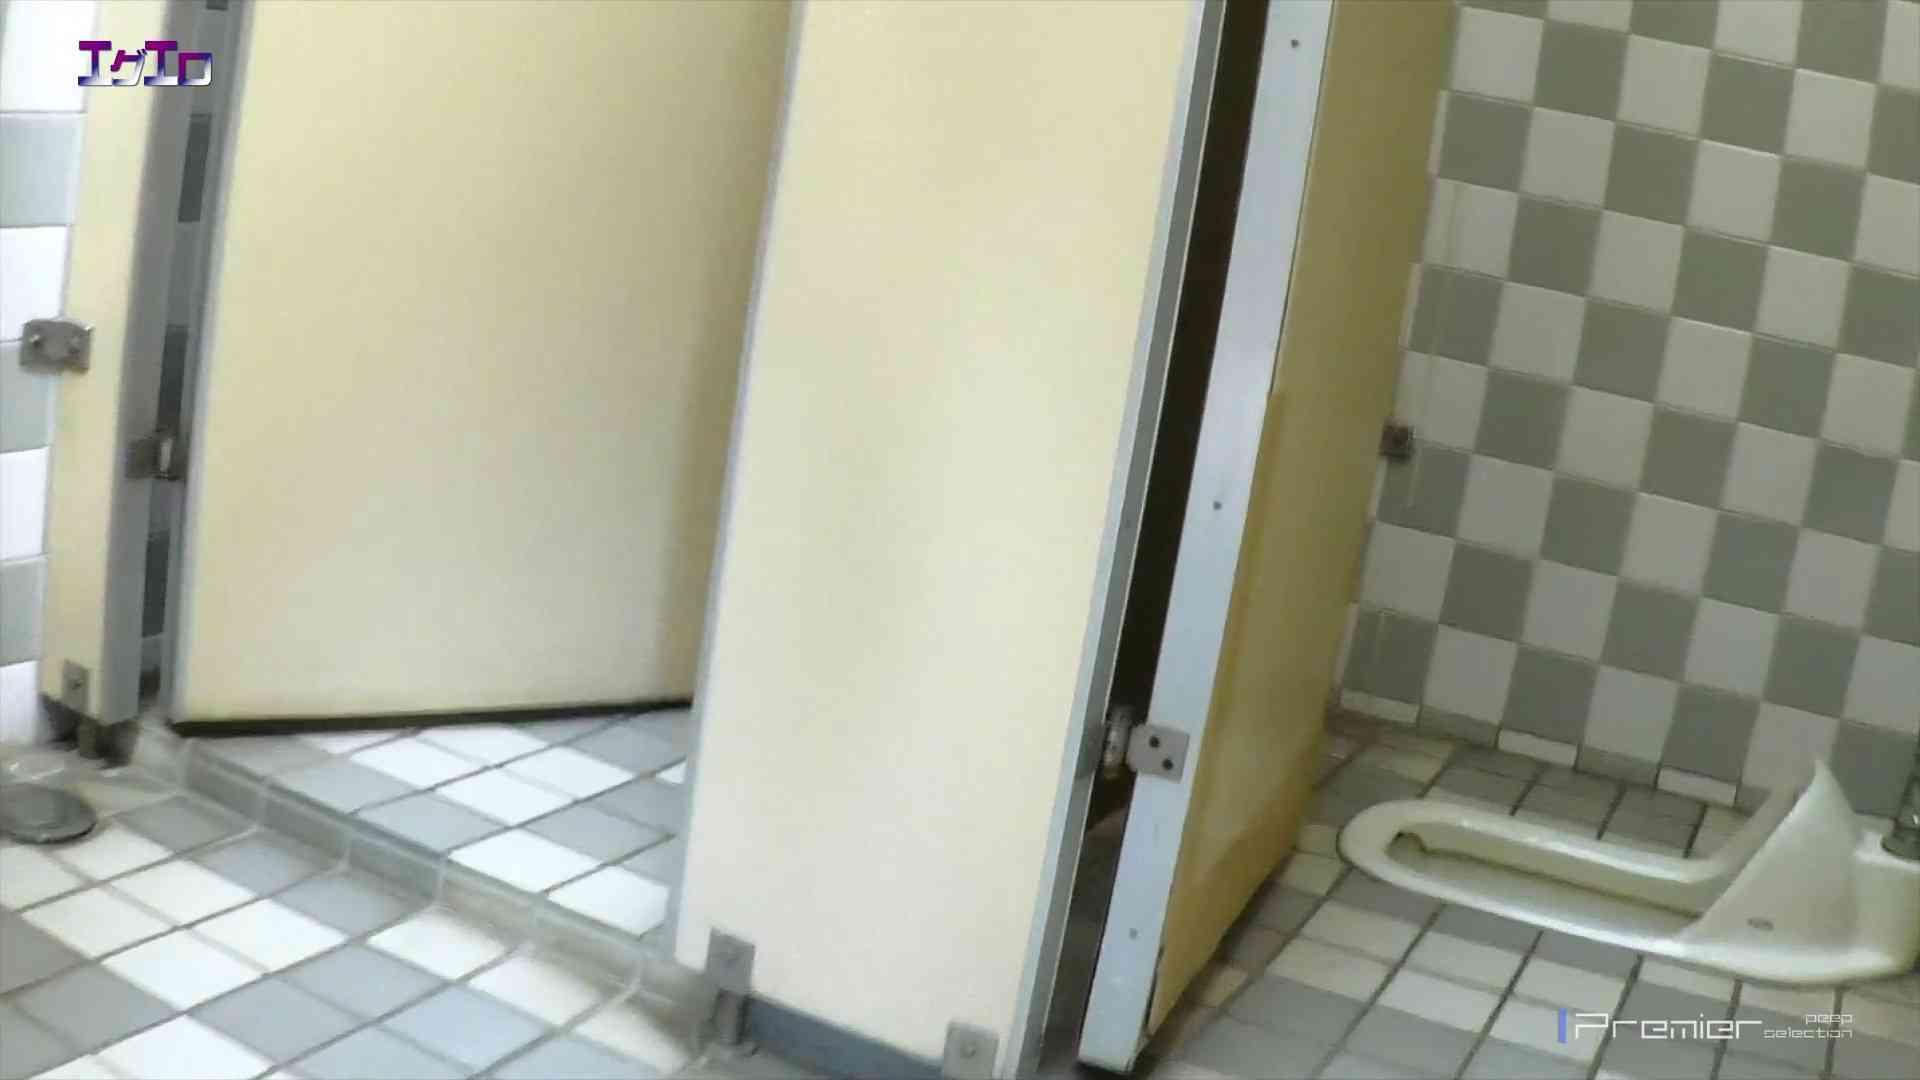 【20位 2016】至近距離洗面所 Vol.01 どうですか?このクオリティ!! 丸見え  50PIX 20